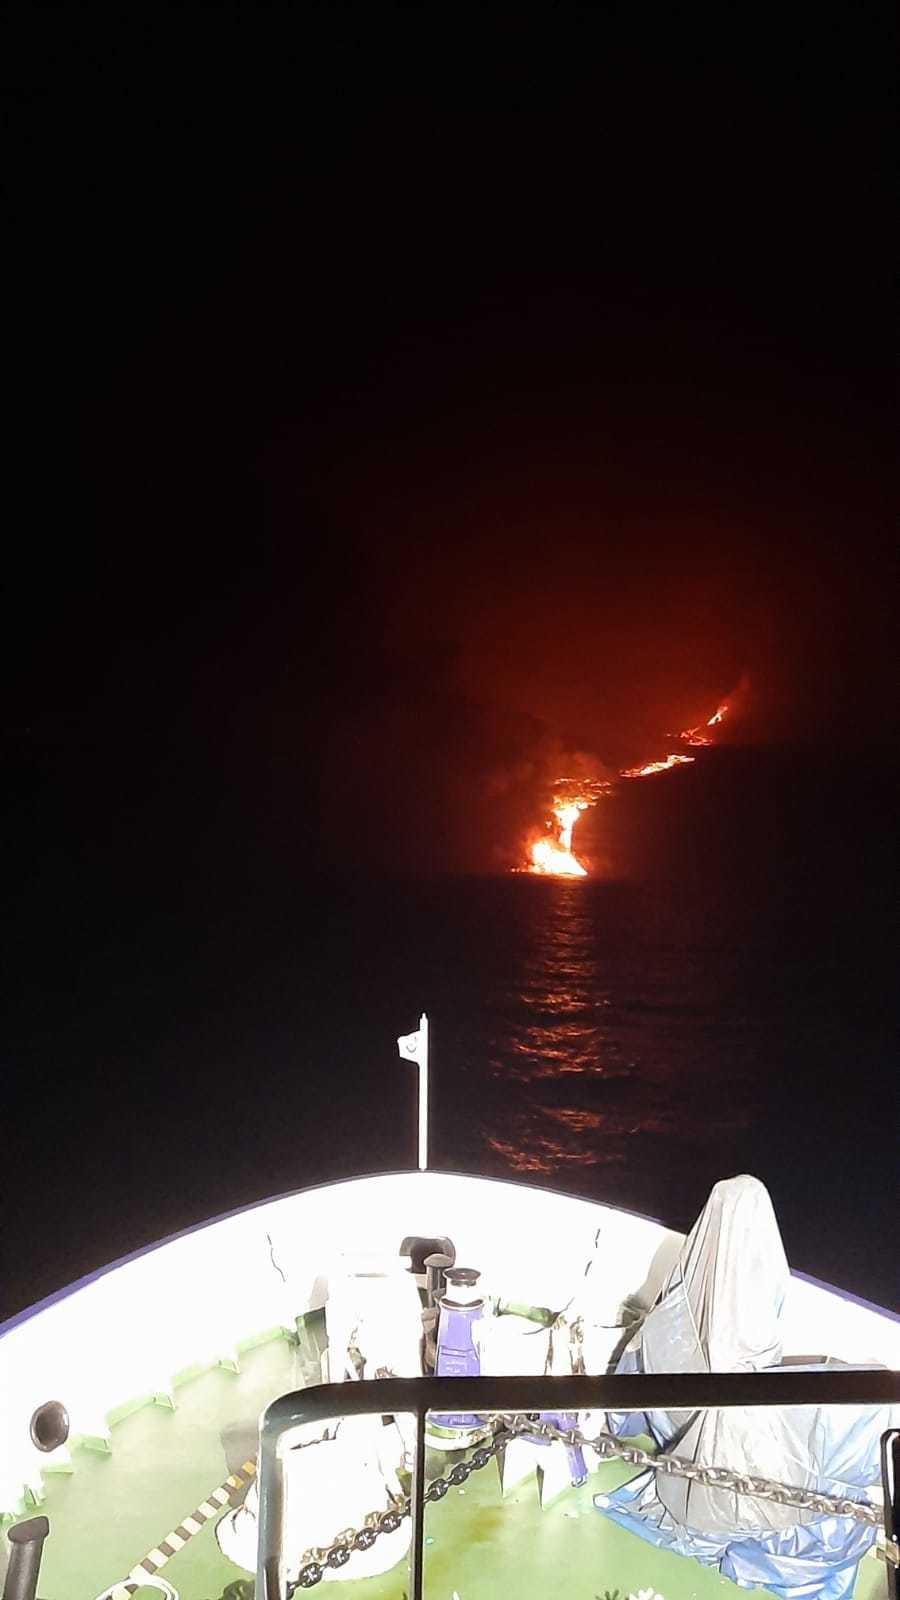 Imagen tomada desde el buque Ramón Magalef de la llegada de la lava al mar.